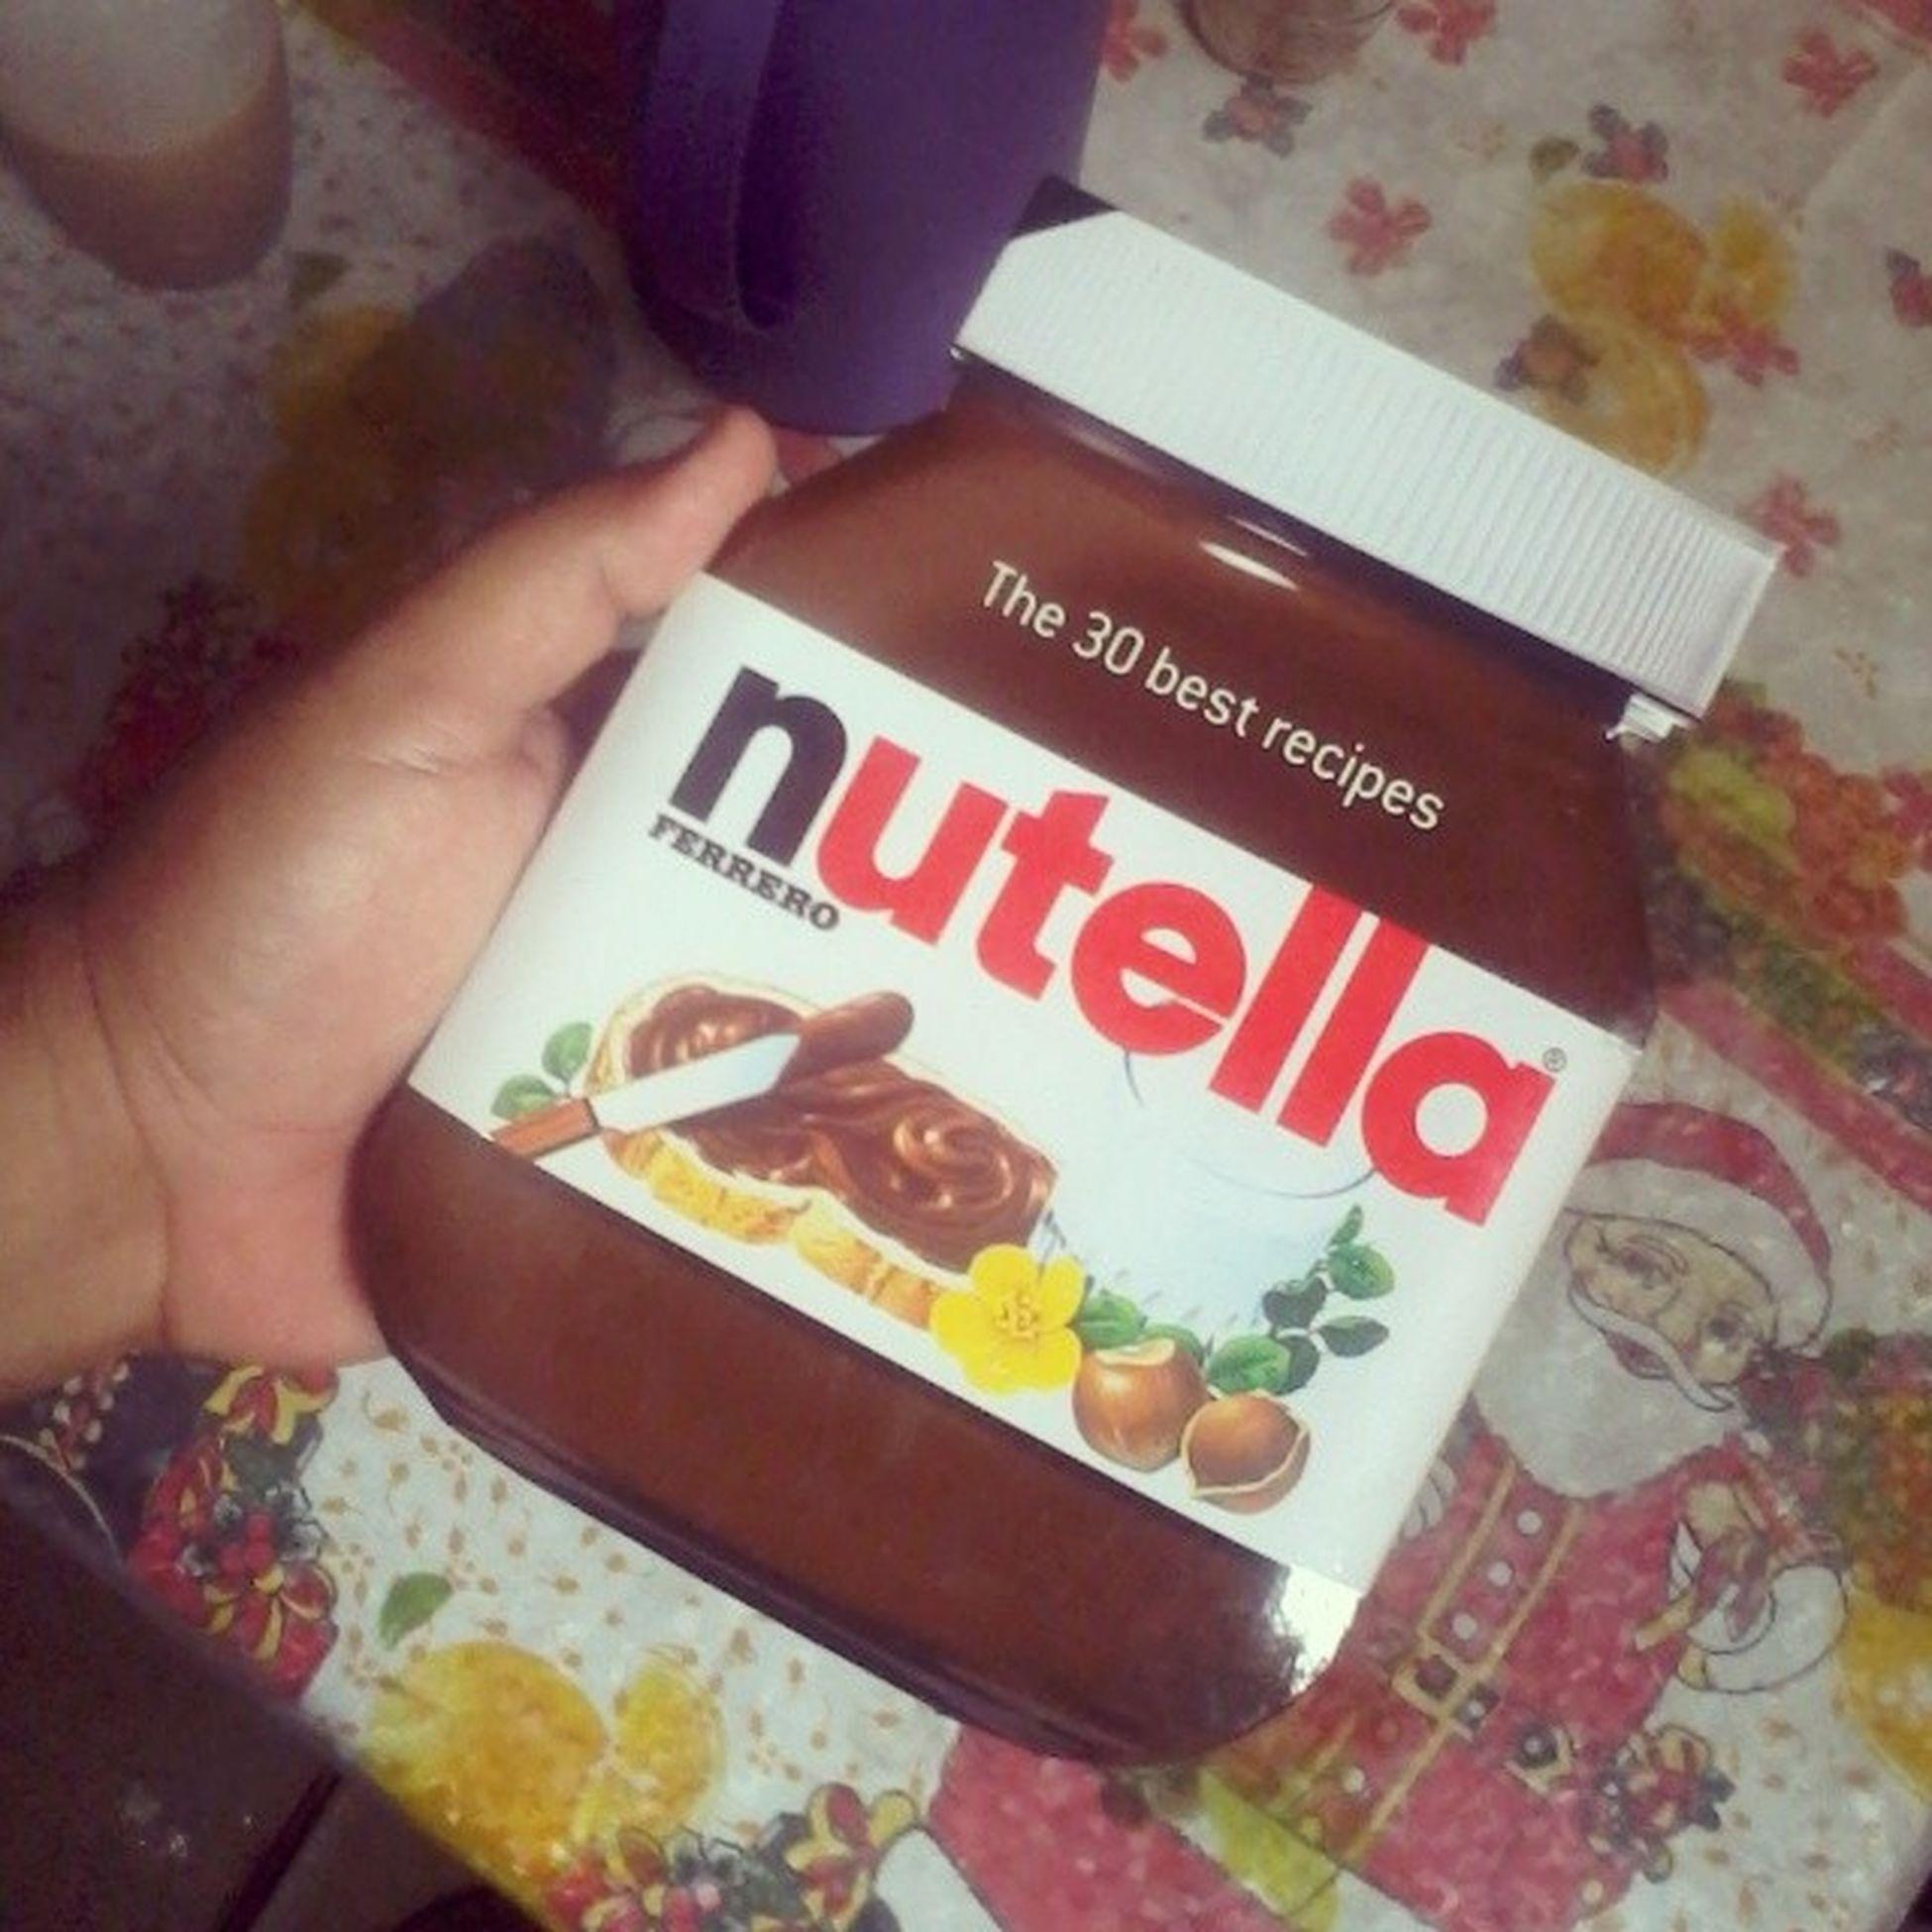 Hoje tomarei prática desse simples manual de Gordices na base da Nutella ... Partiu Engorda mais10kilos hahuhauhauhau